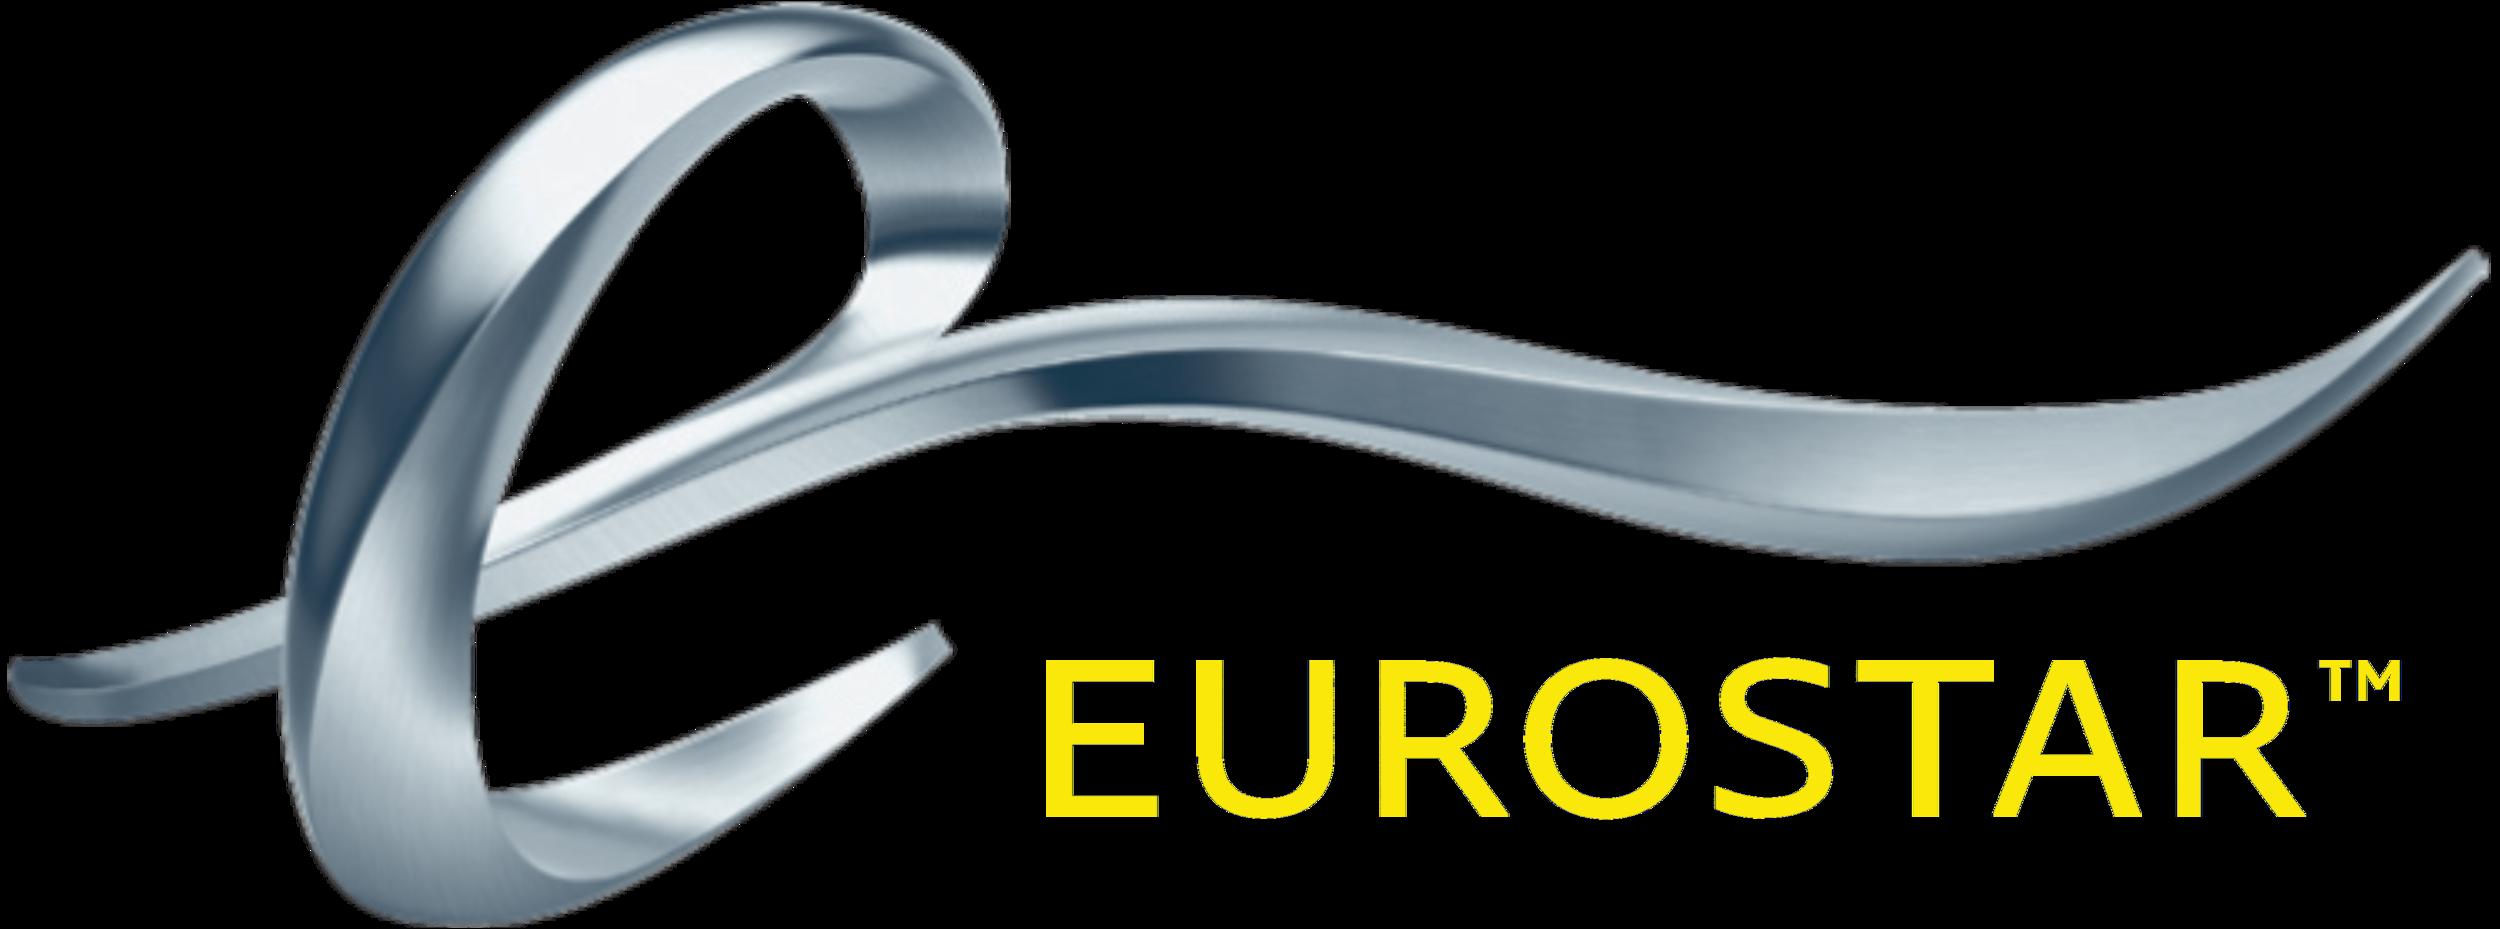 Eurostar_Flanerie